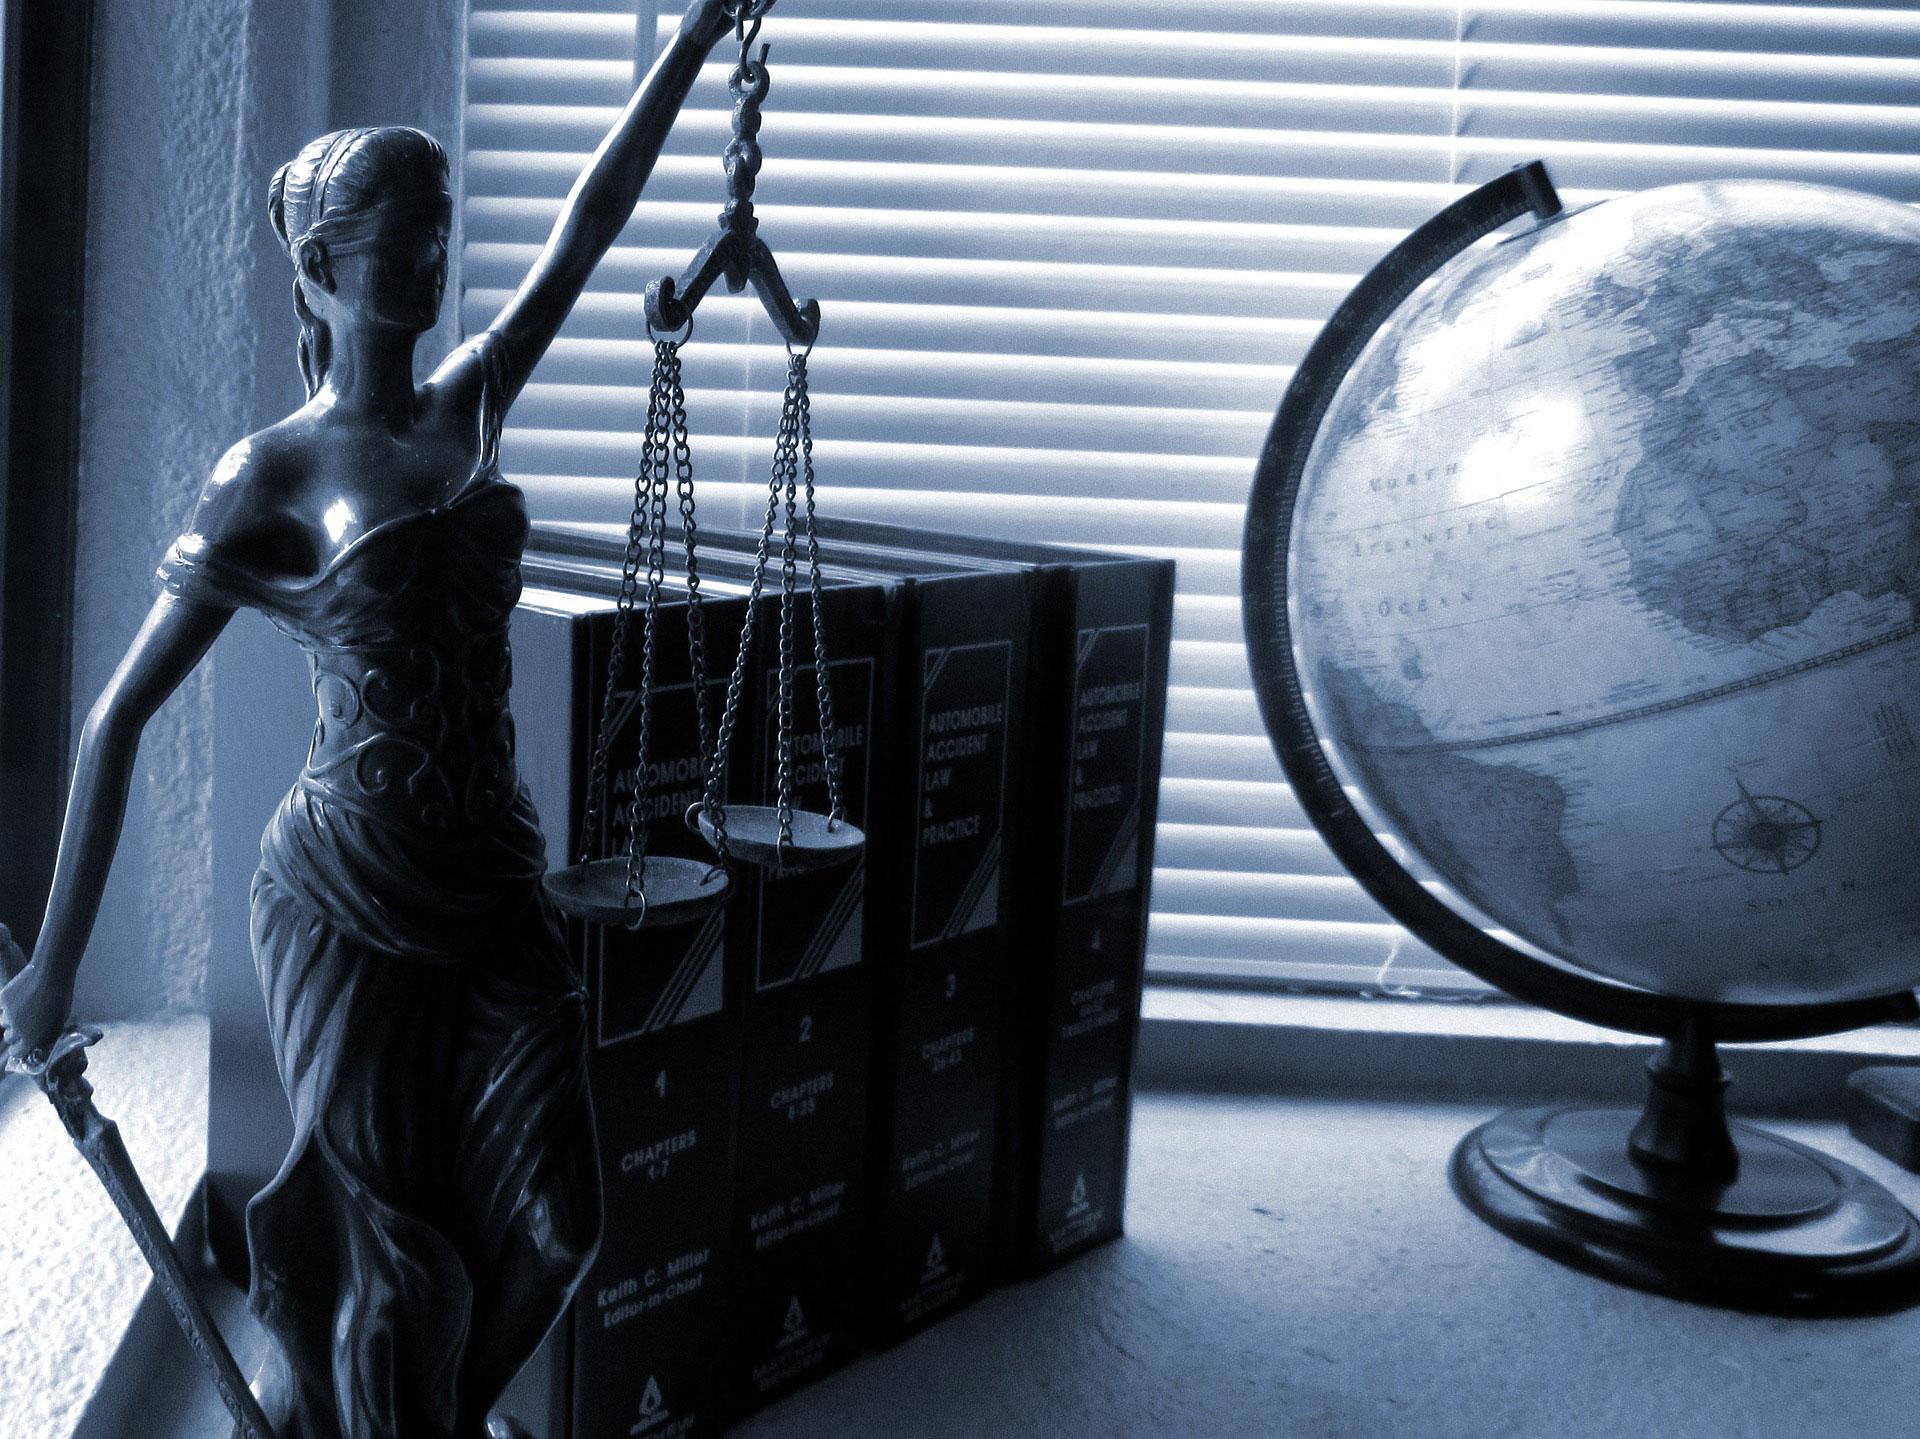 juristutbildning